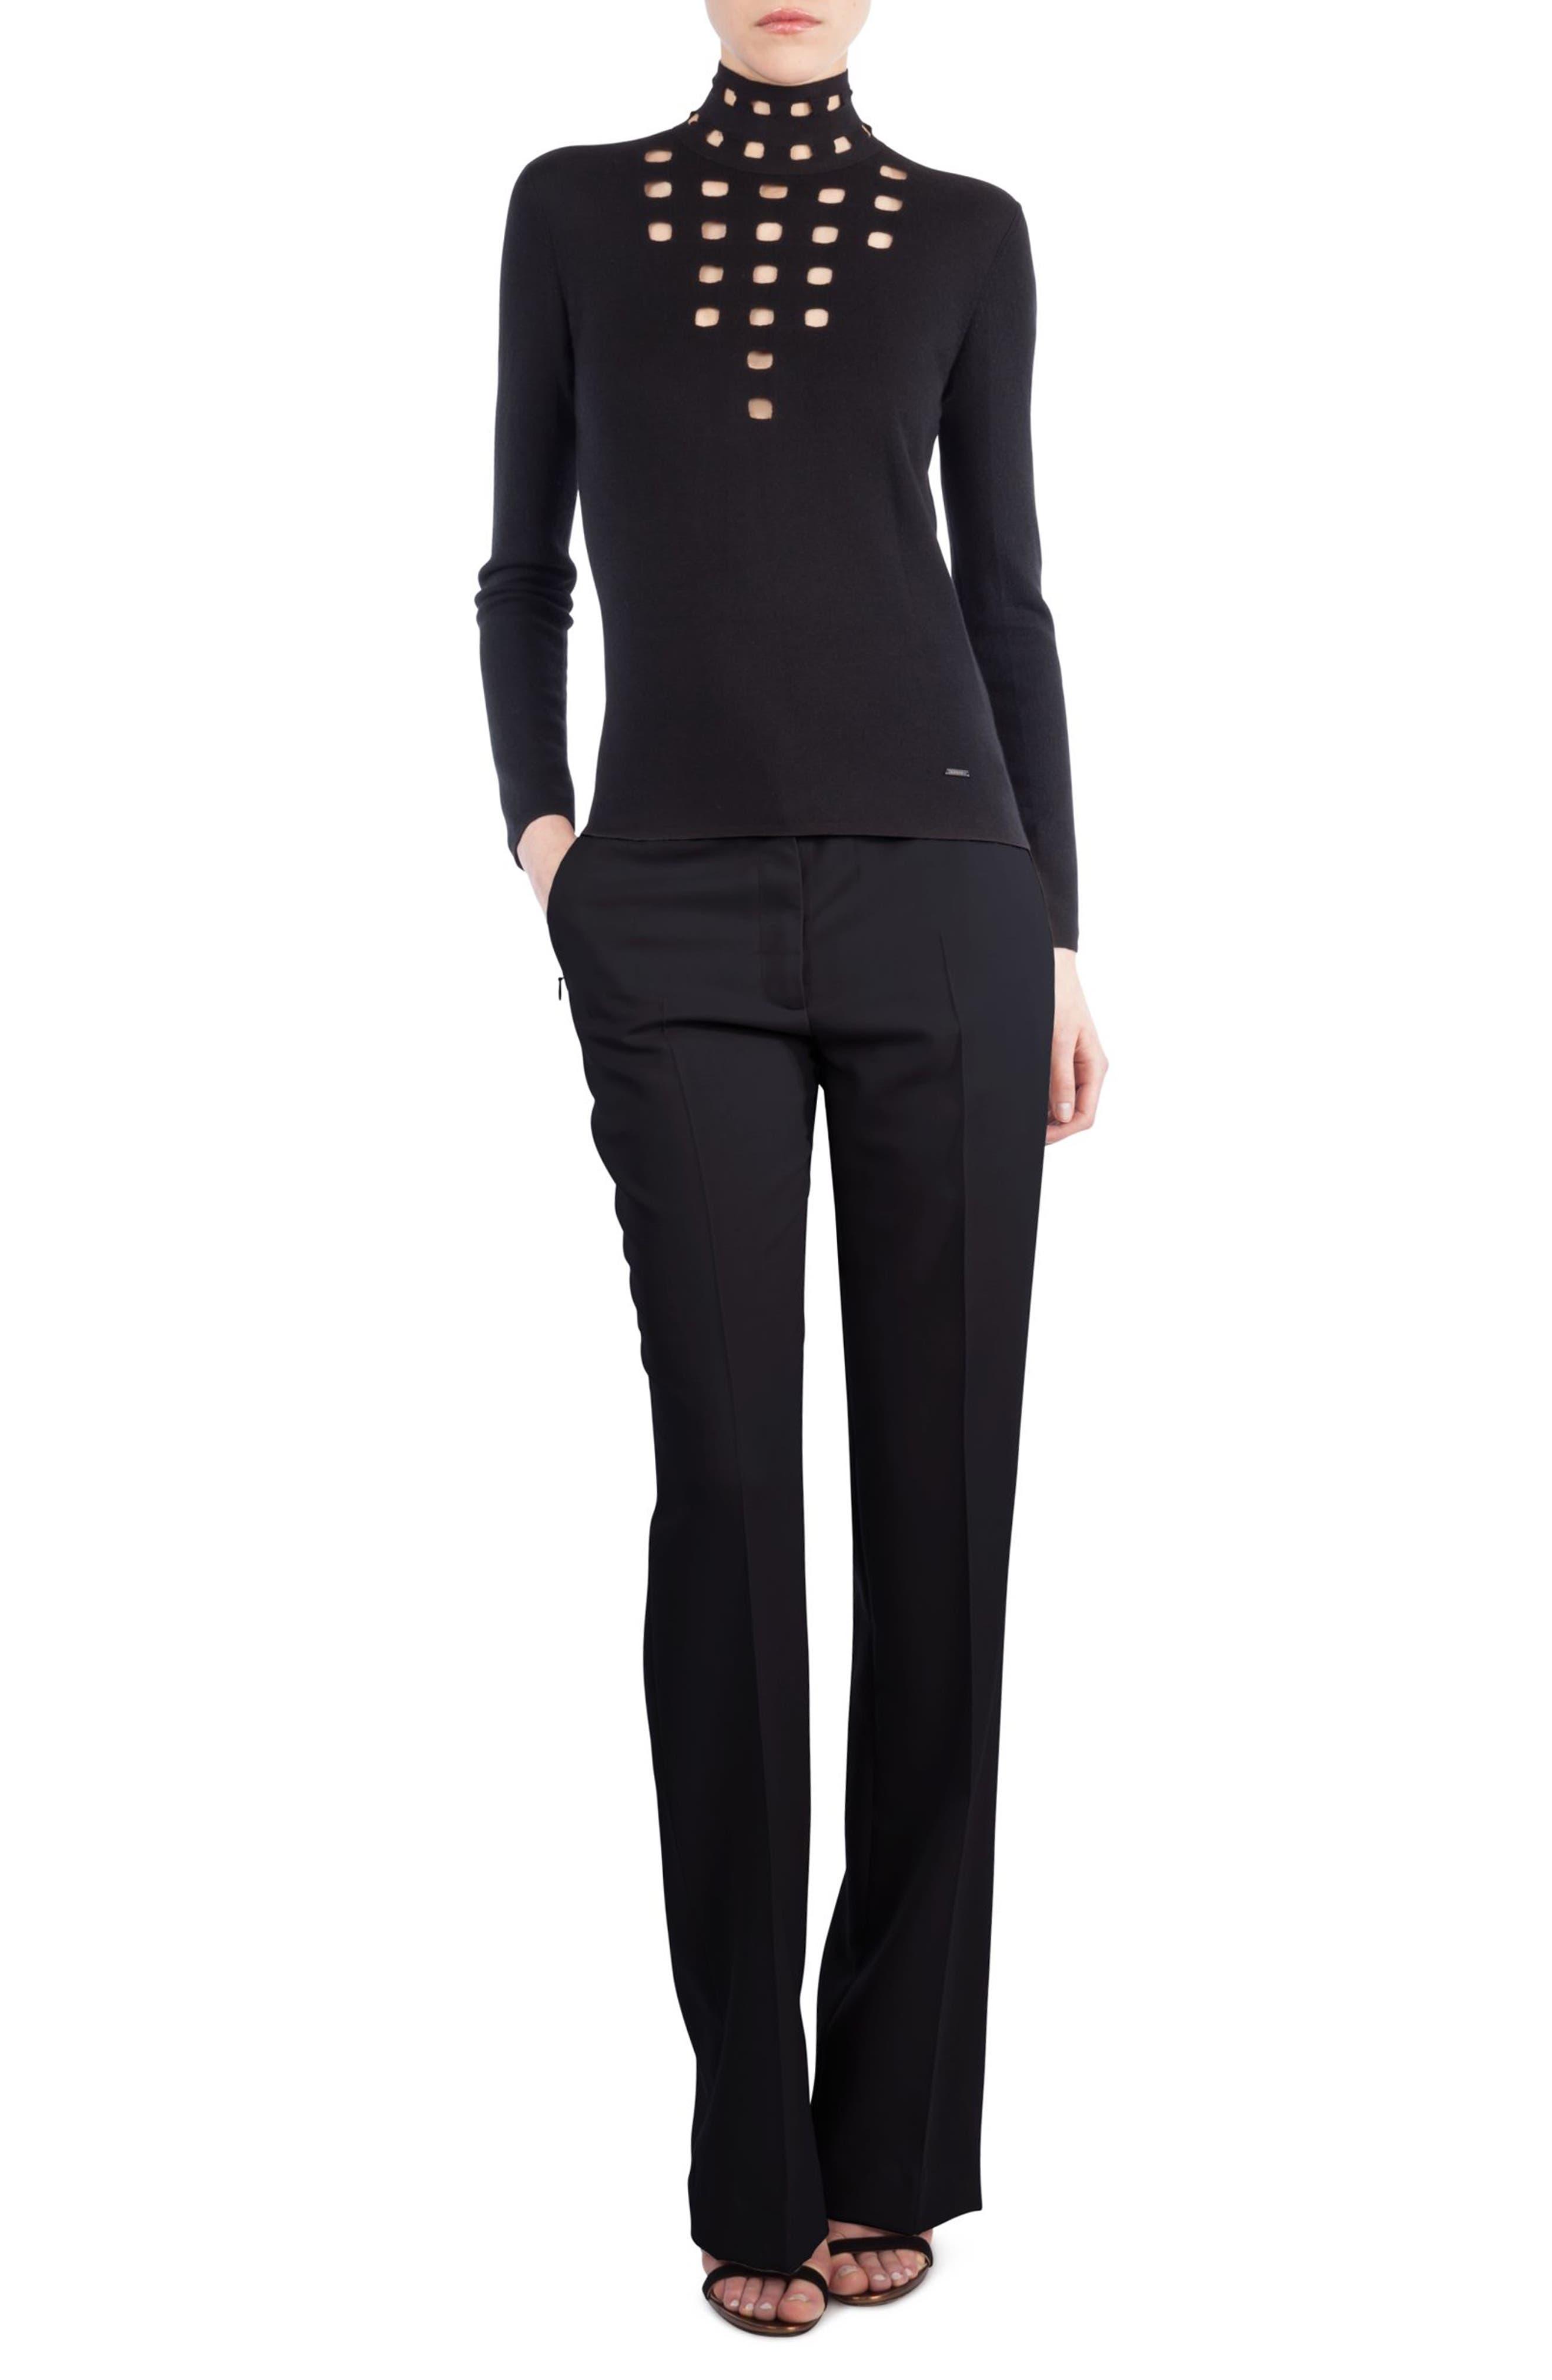 St. Gallen Cutout Cashmere & Silk Turtleneck Sweater,                             Main thumbnail 1, color,                             Black